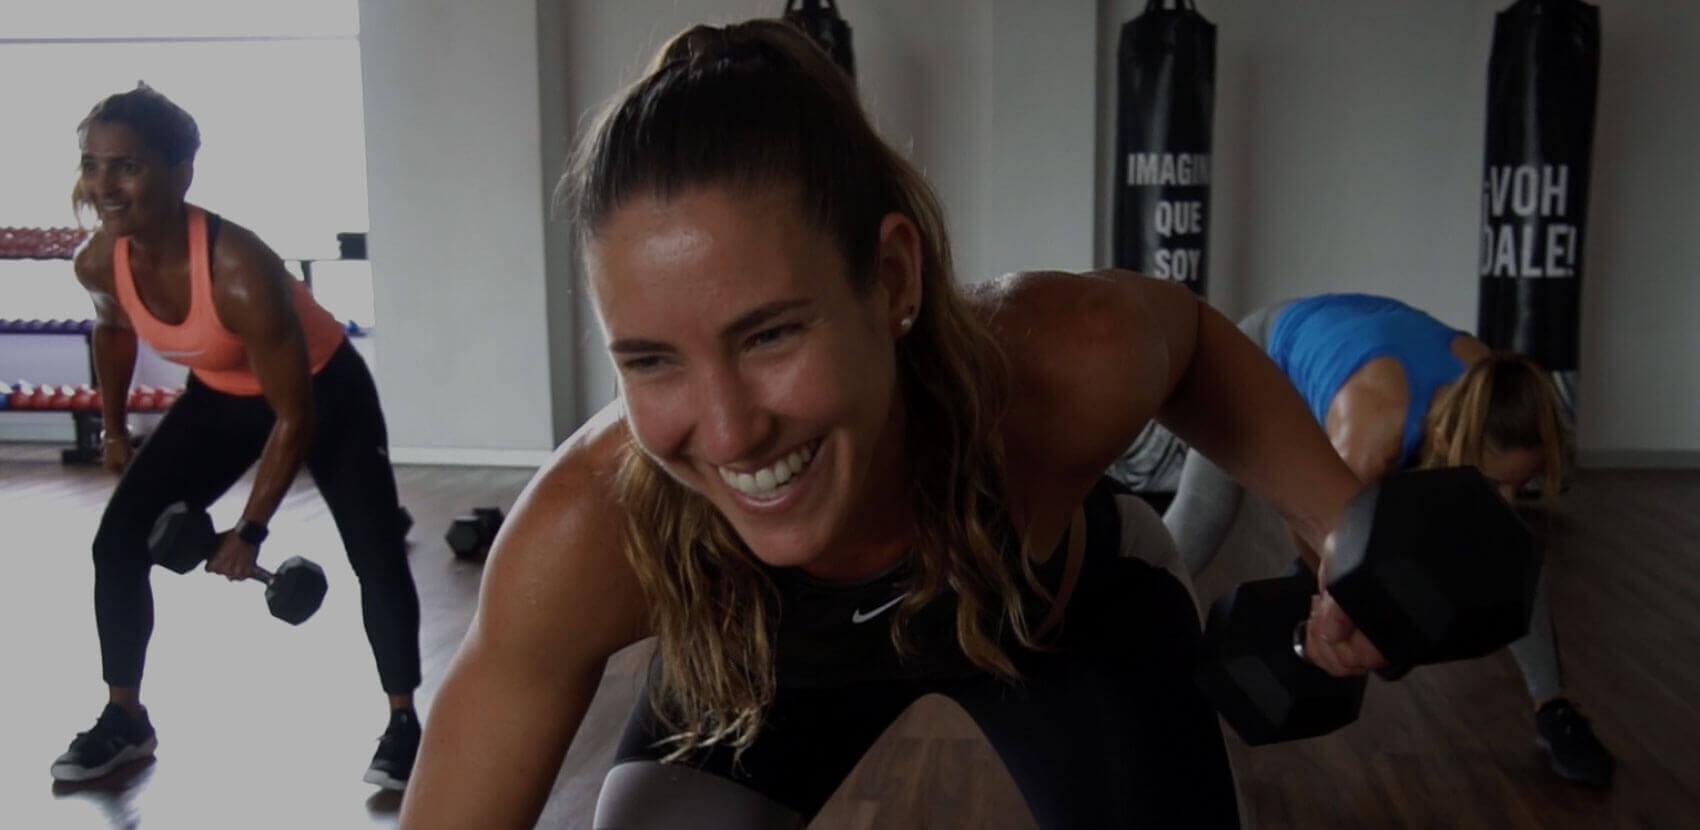 Mujer sonriente levanta una pesa al hacer entrenamiento funcional